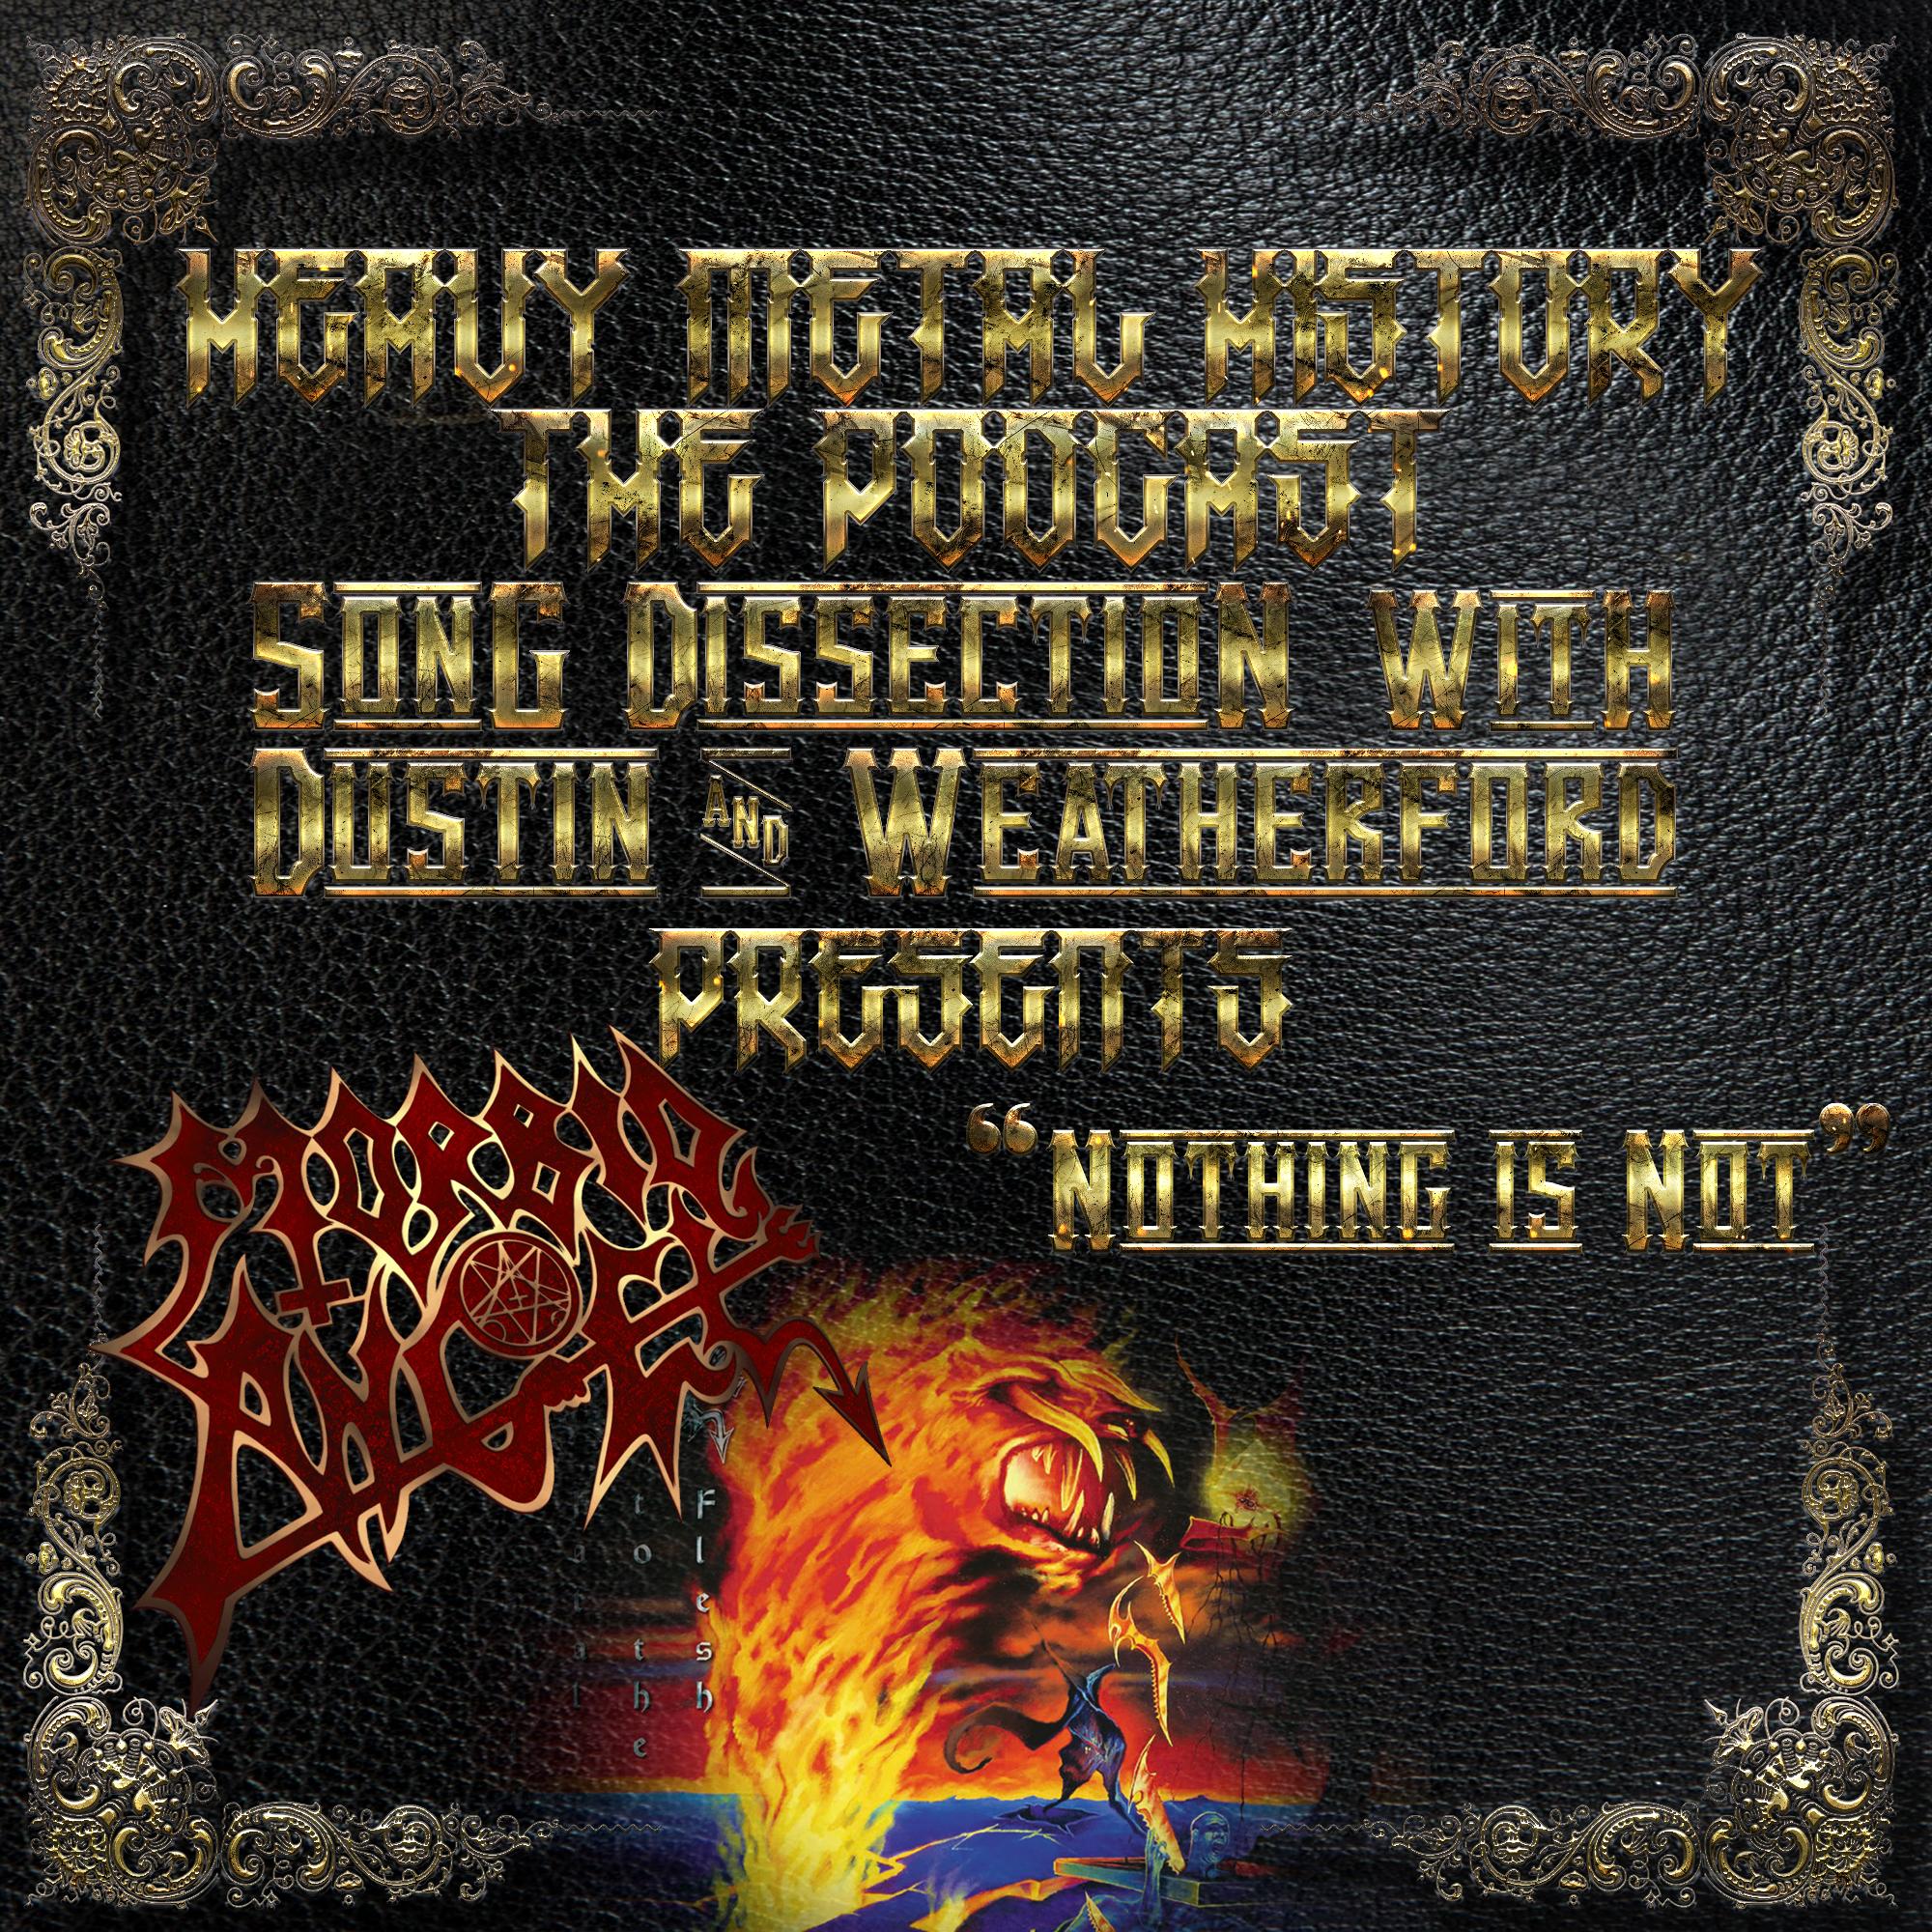 Morbid Angel Nothing Is Not.jpg